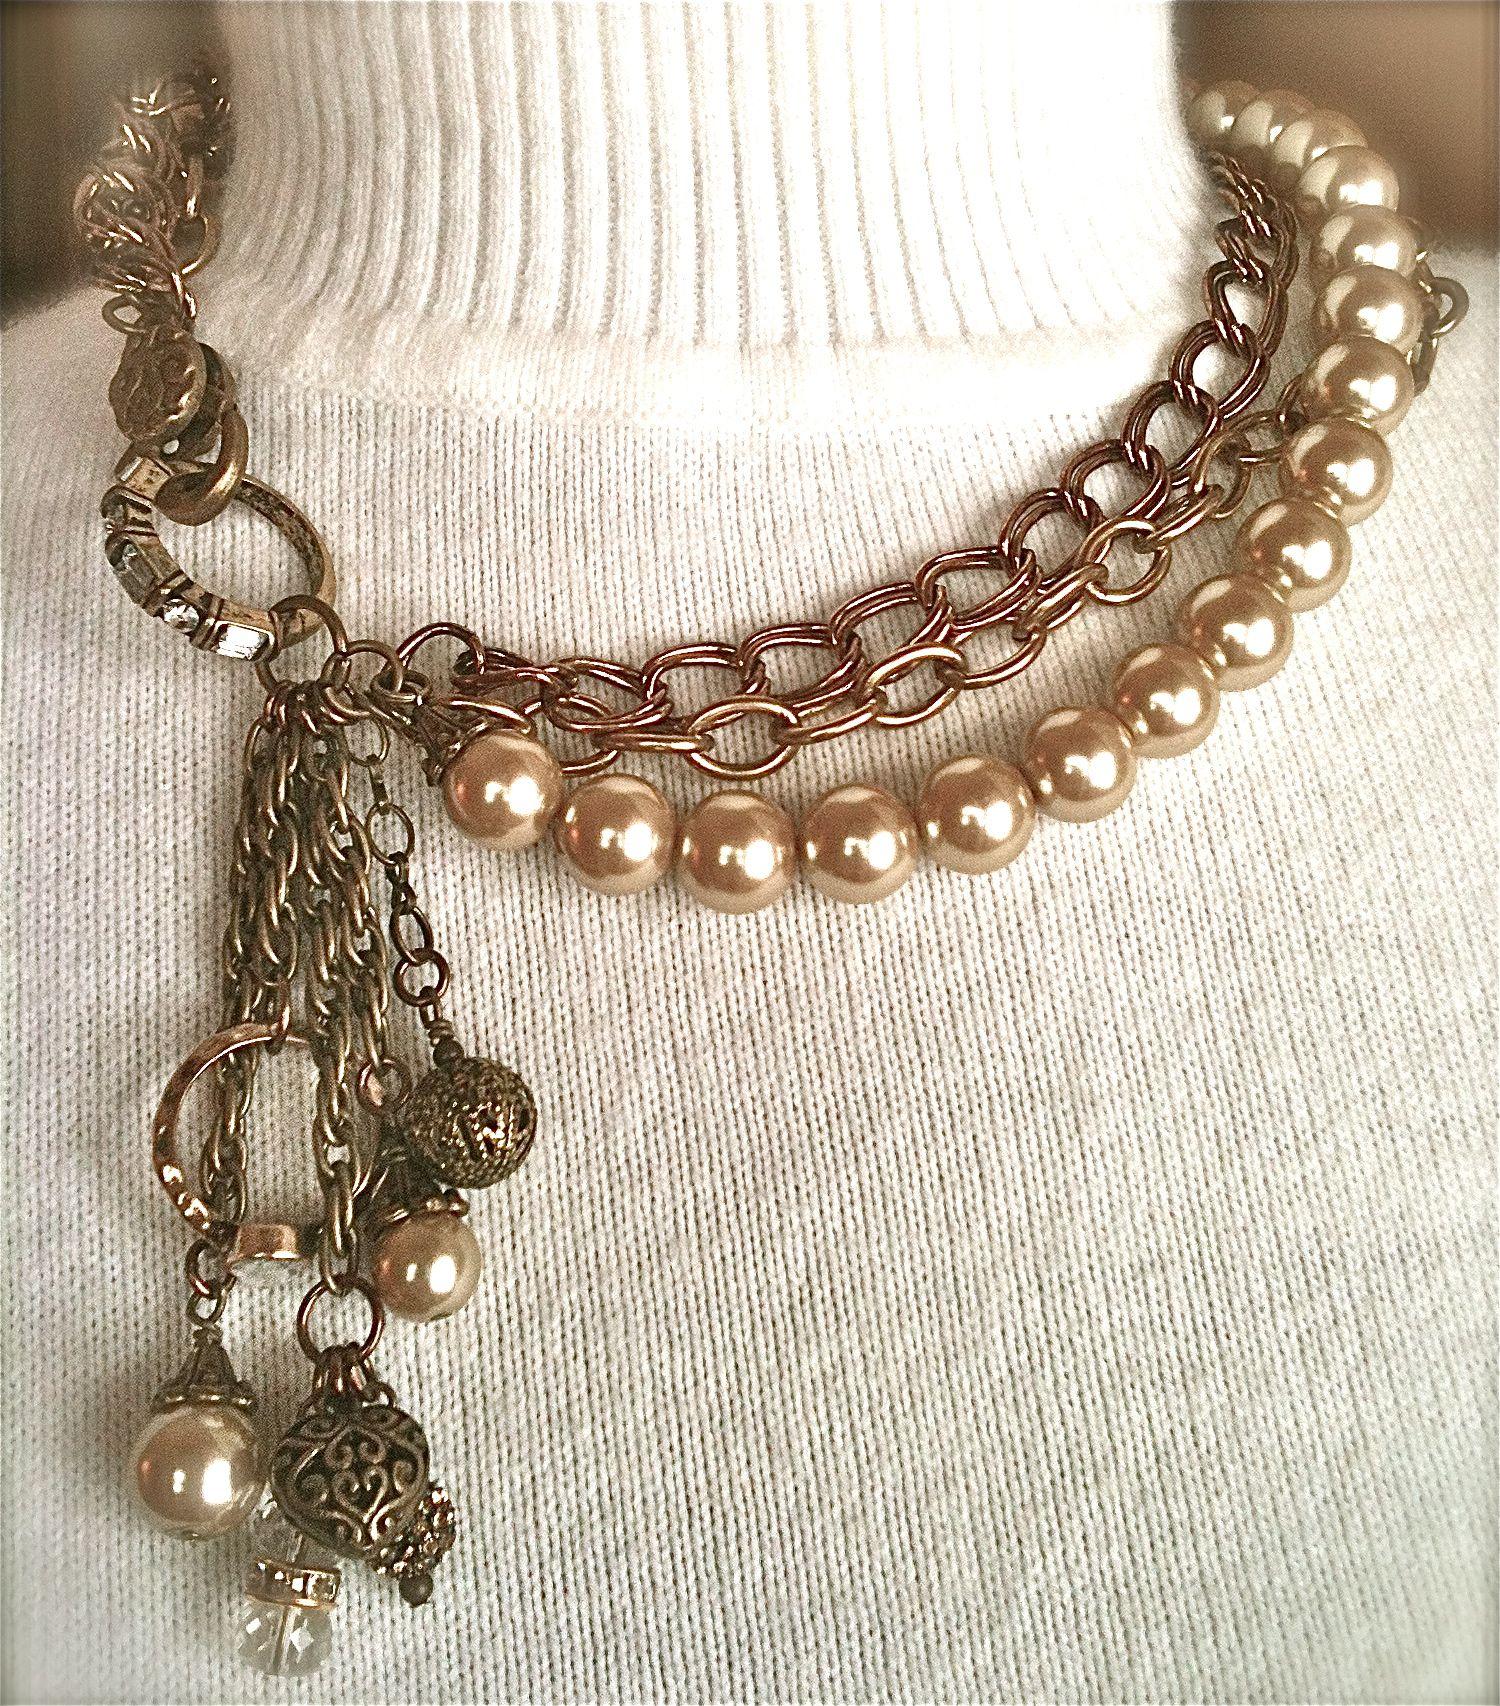 e08f6a4bccf2 www.silhouettejewelrydesign.com | bisuteria